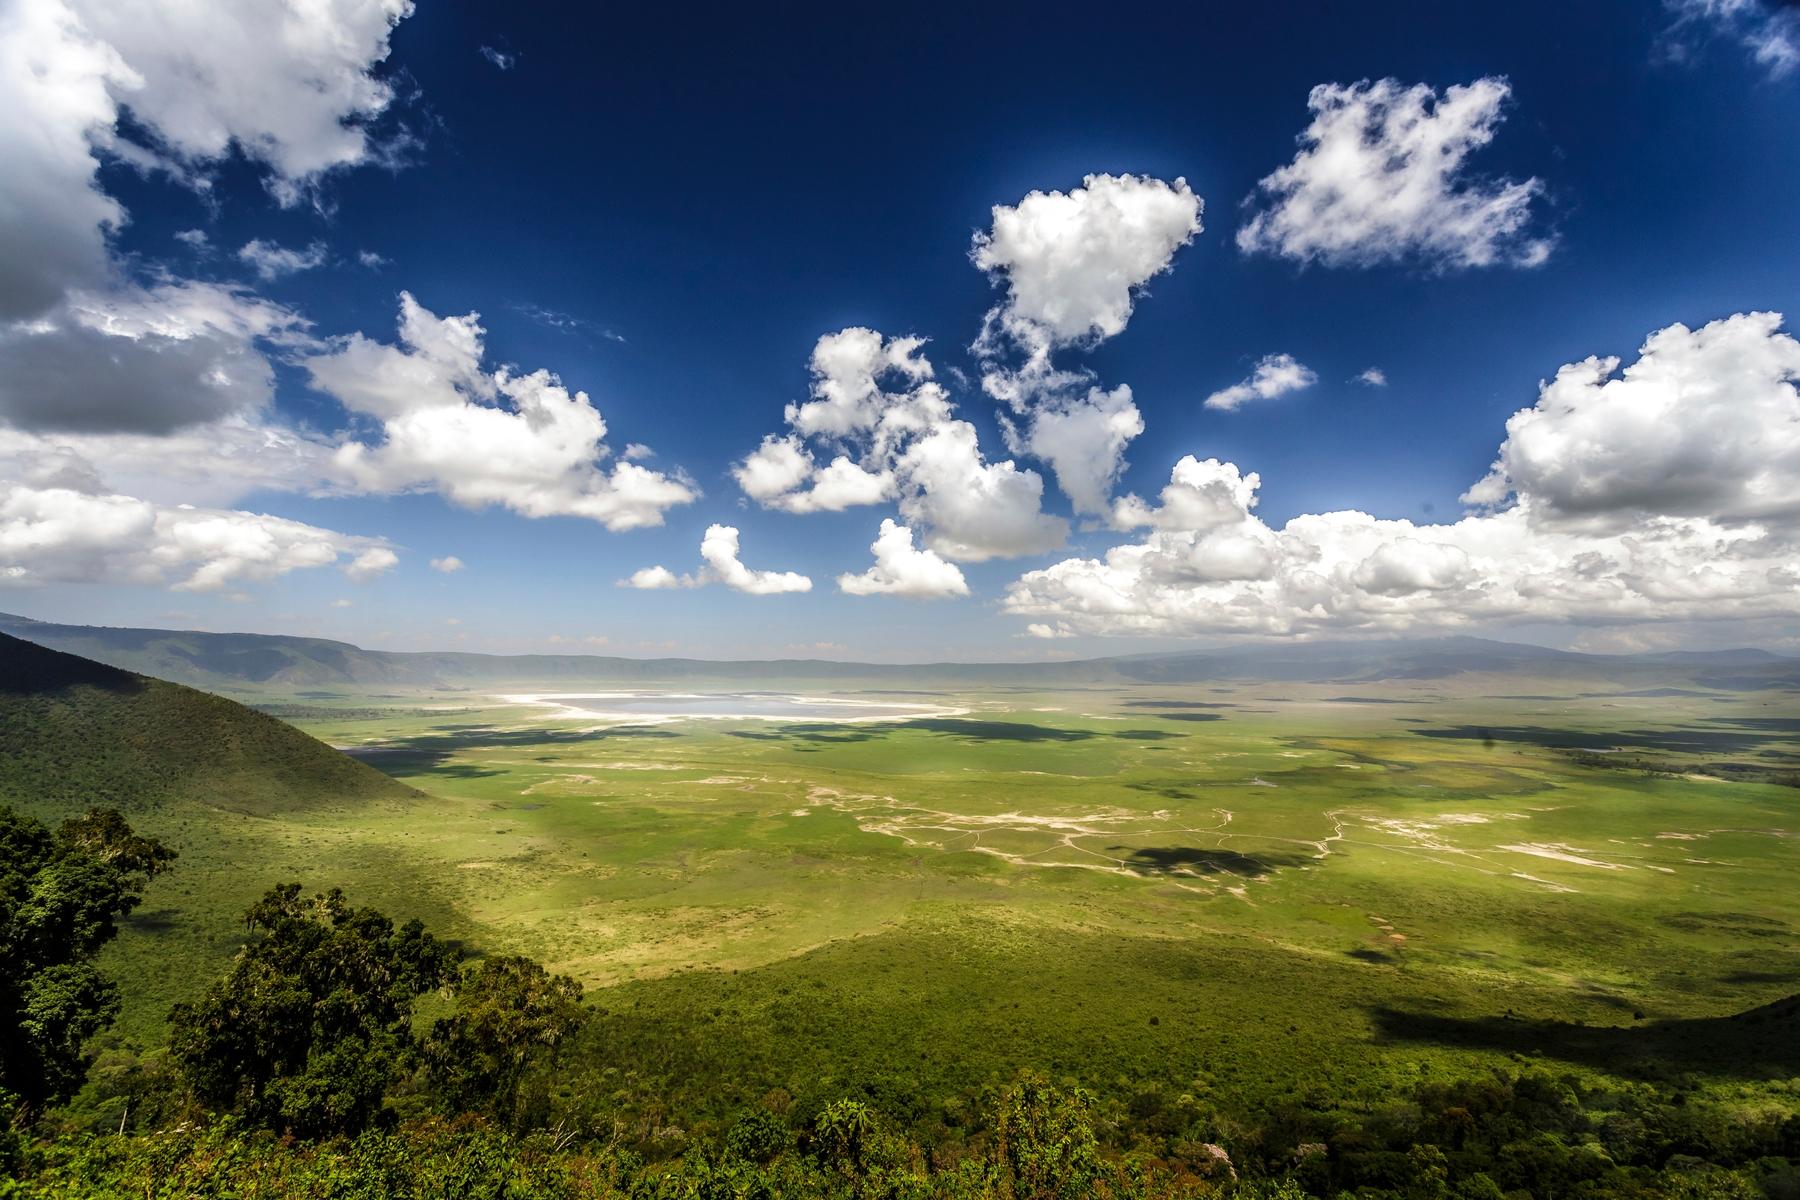 Los 20 lugares más fascinantes del mundo: Tanzania